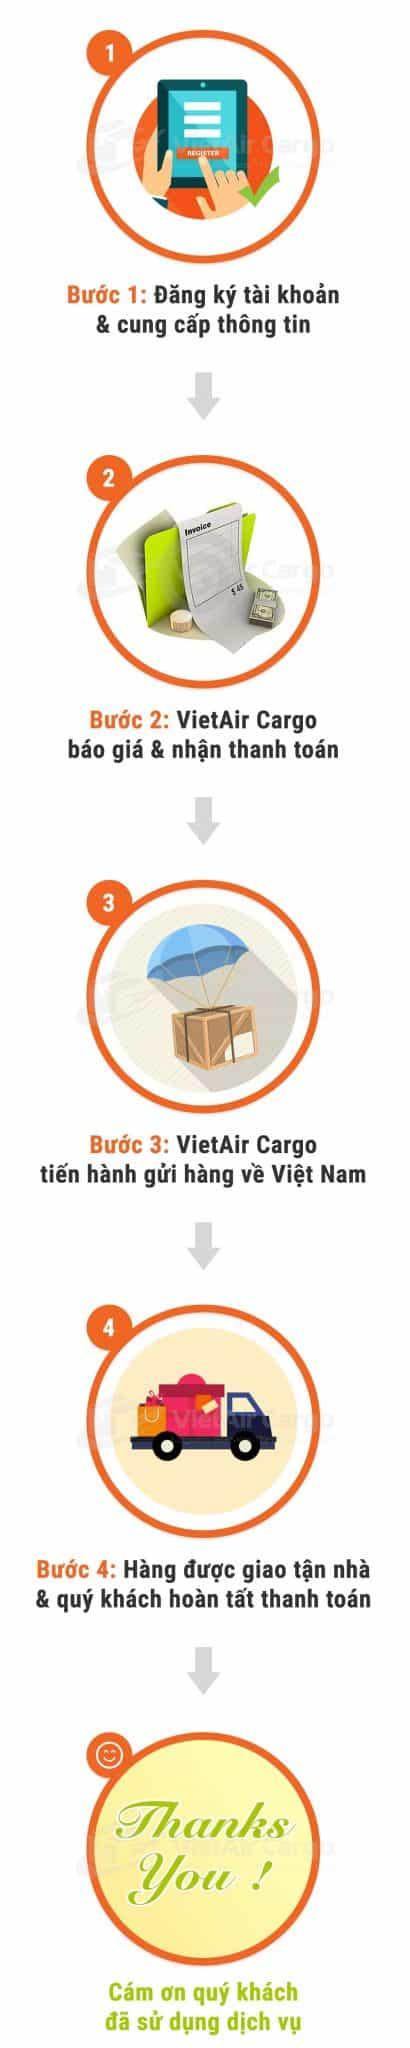 Step-thu-tuc-gui-hang-tu-my-ve-vietnam Thủ tục gửi hàng từ Mỹ về Việt Nam